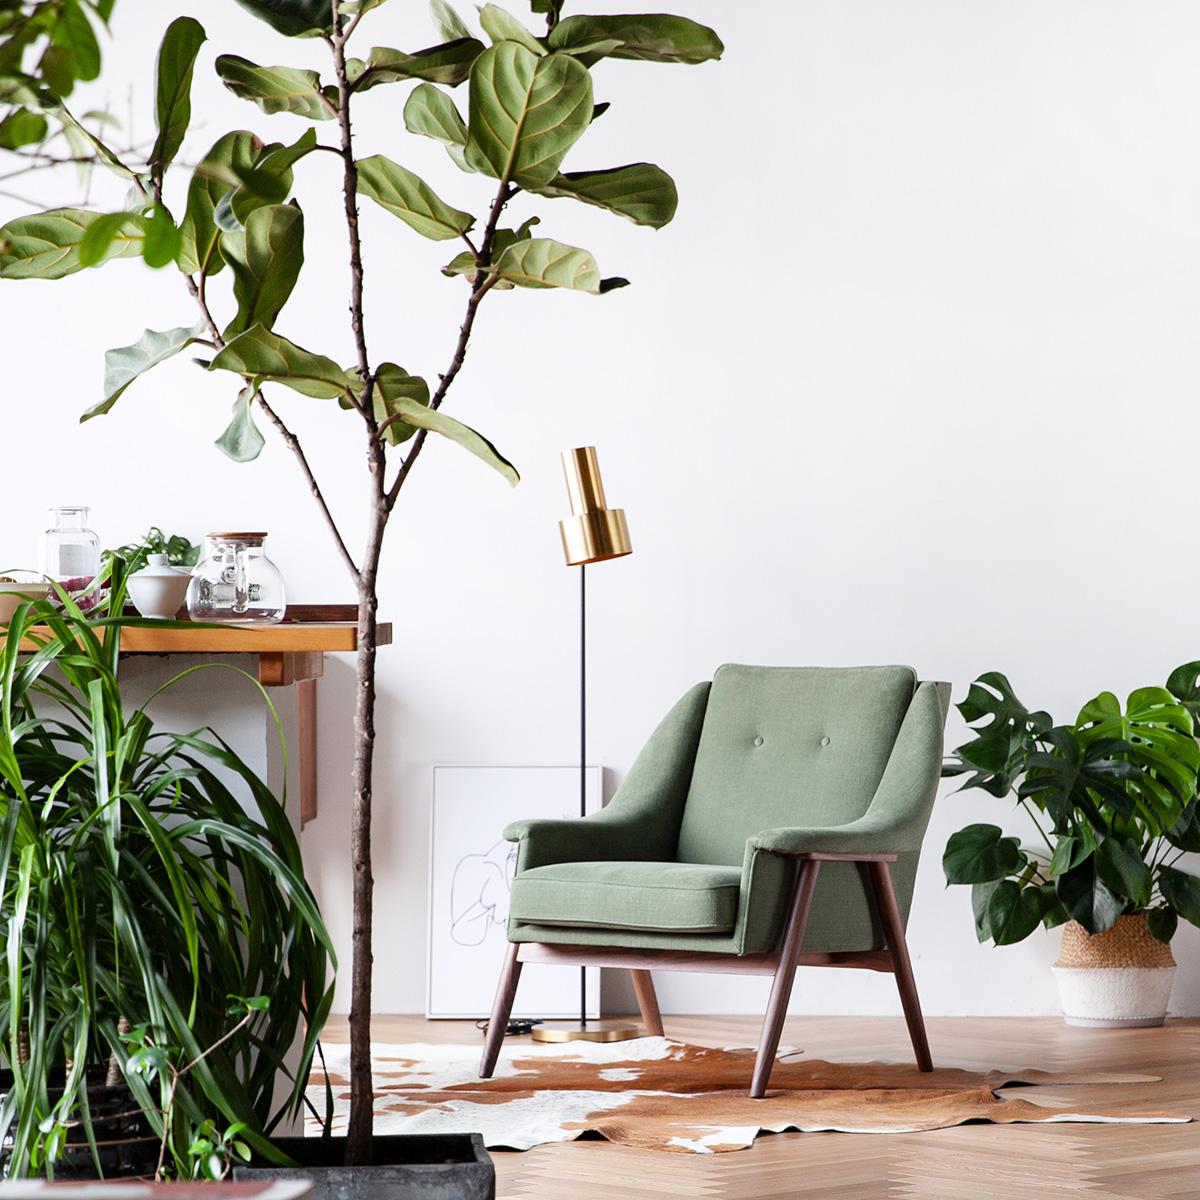 及木YZ052沙发椅